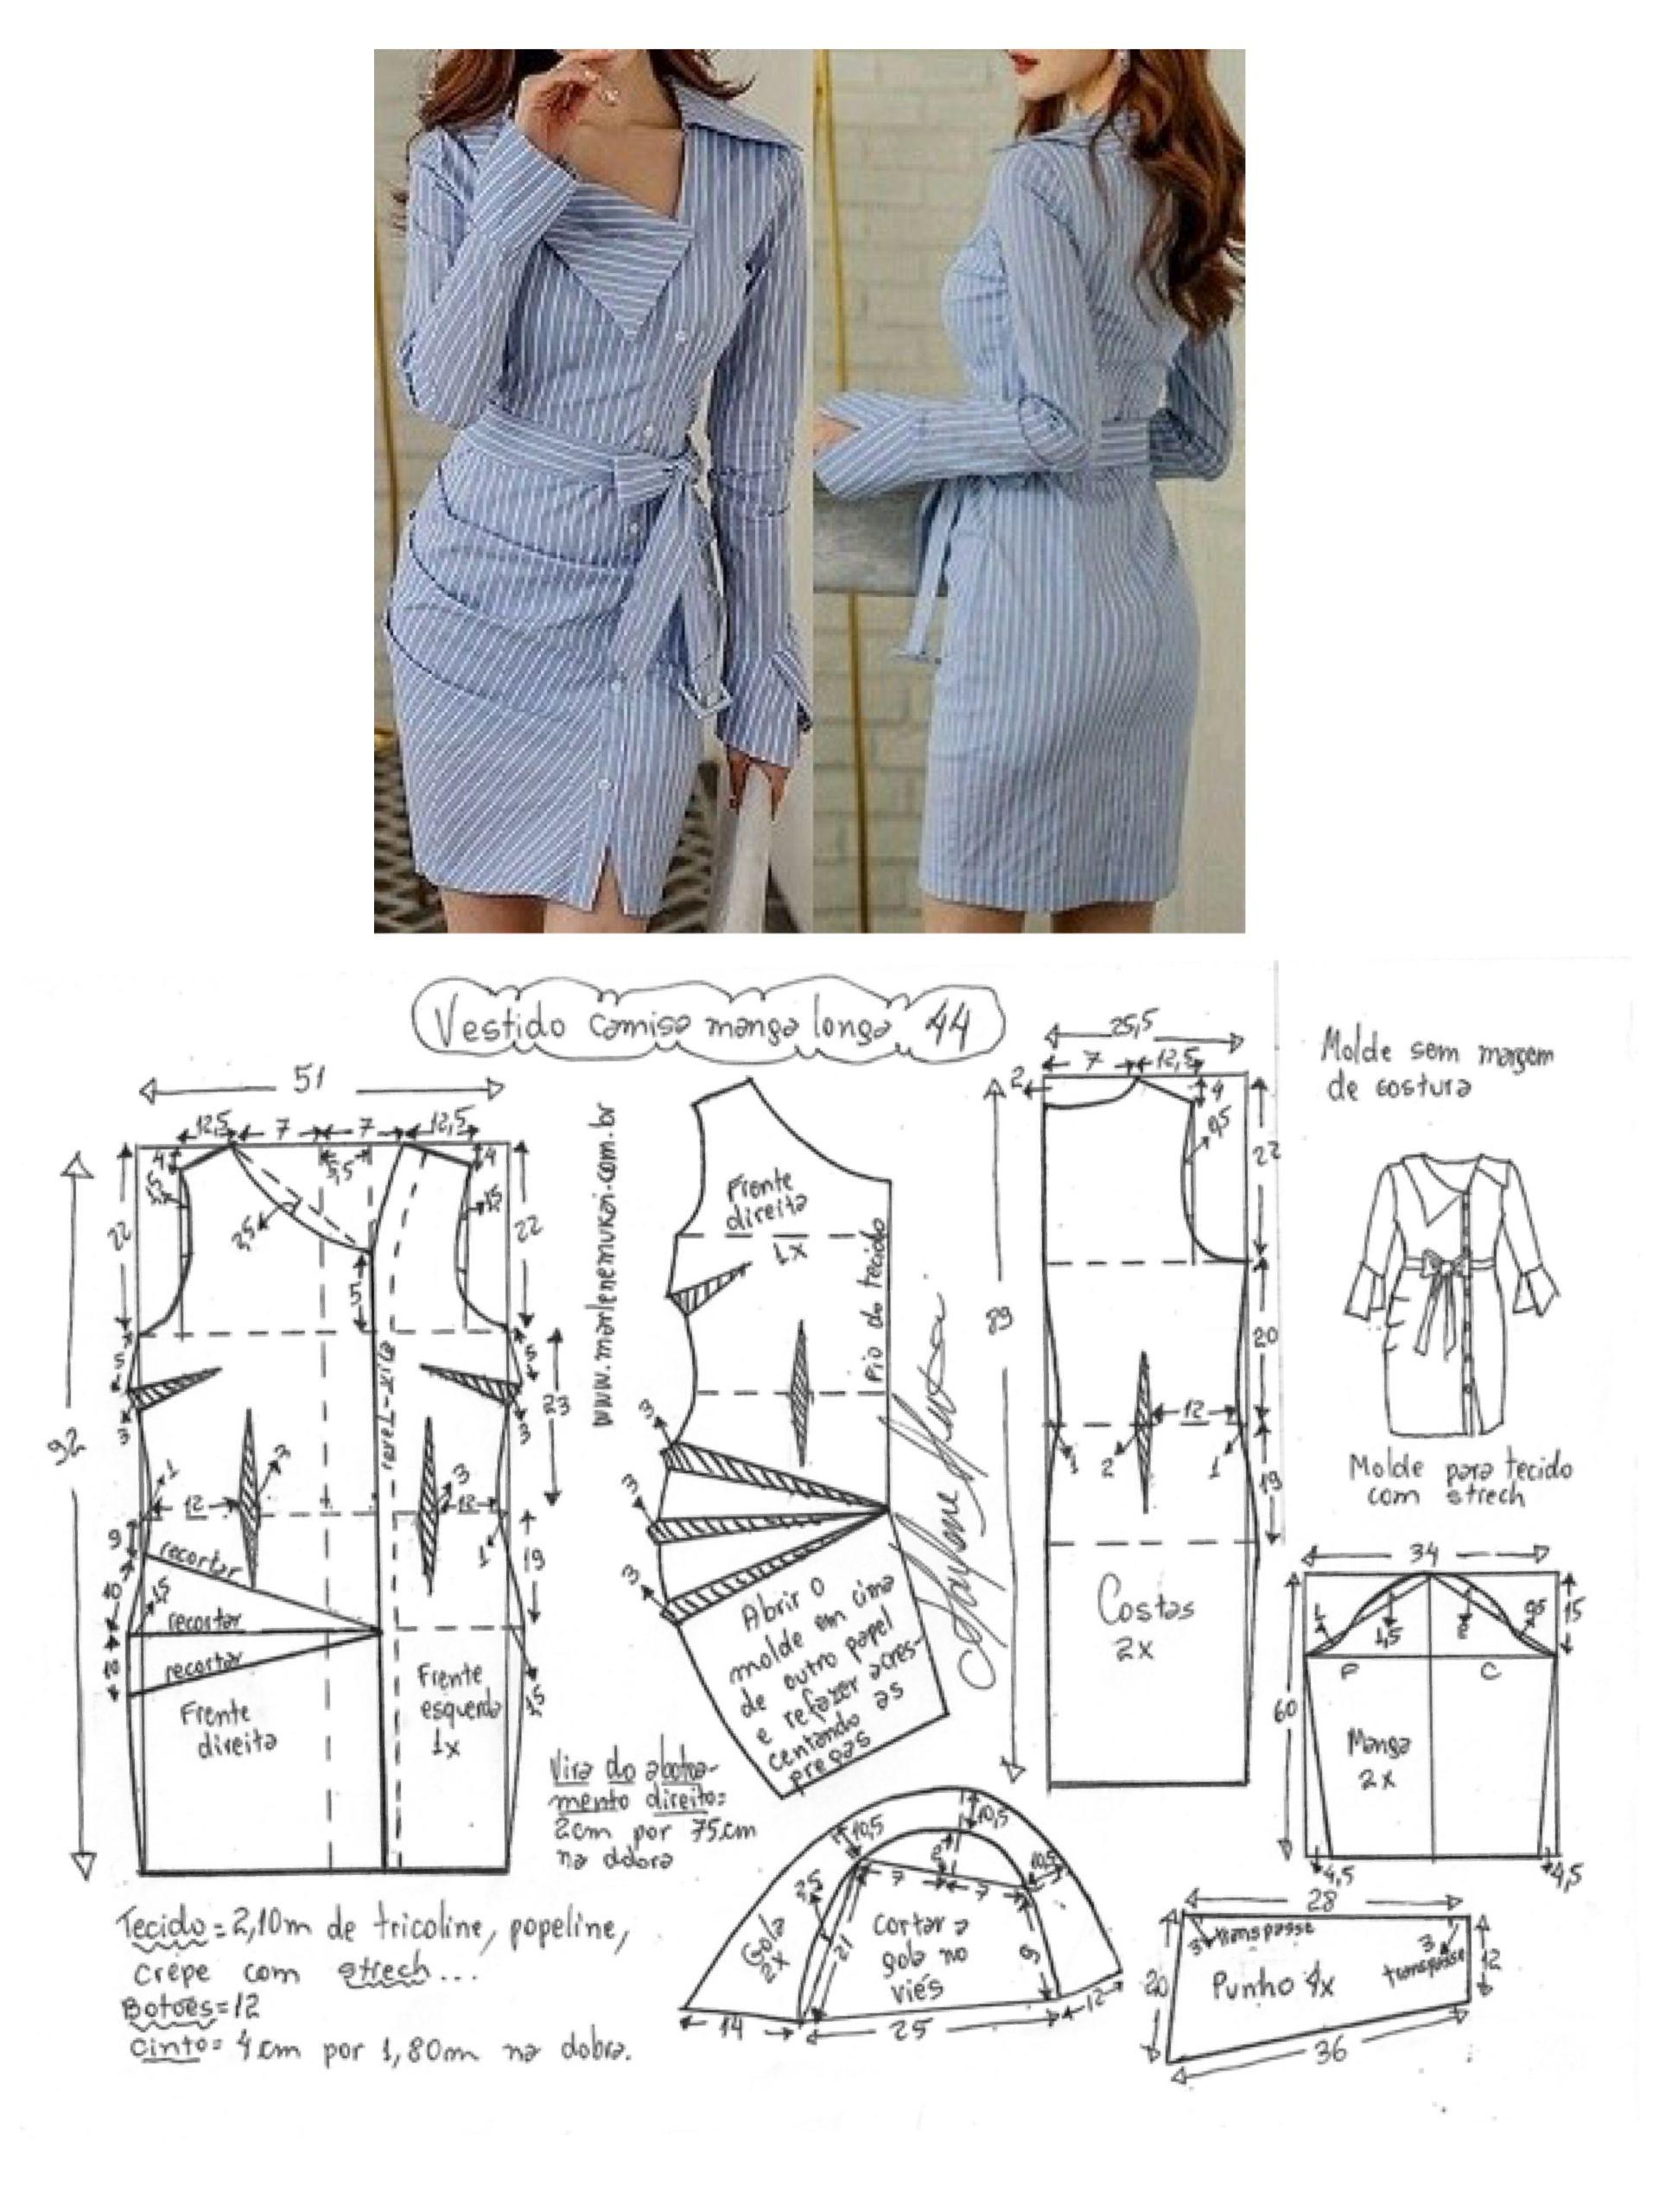 marlenemukai.com.br | Patron | Pinterest | Costura, Patrones y Molde